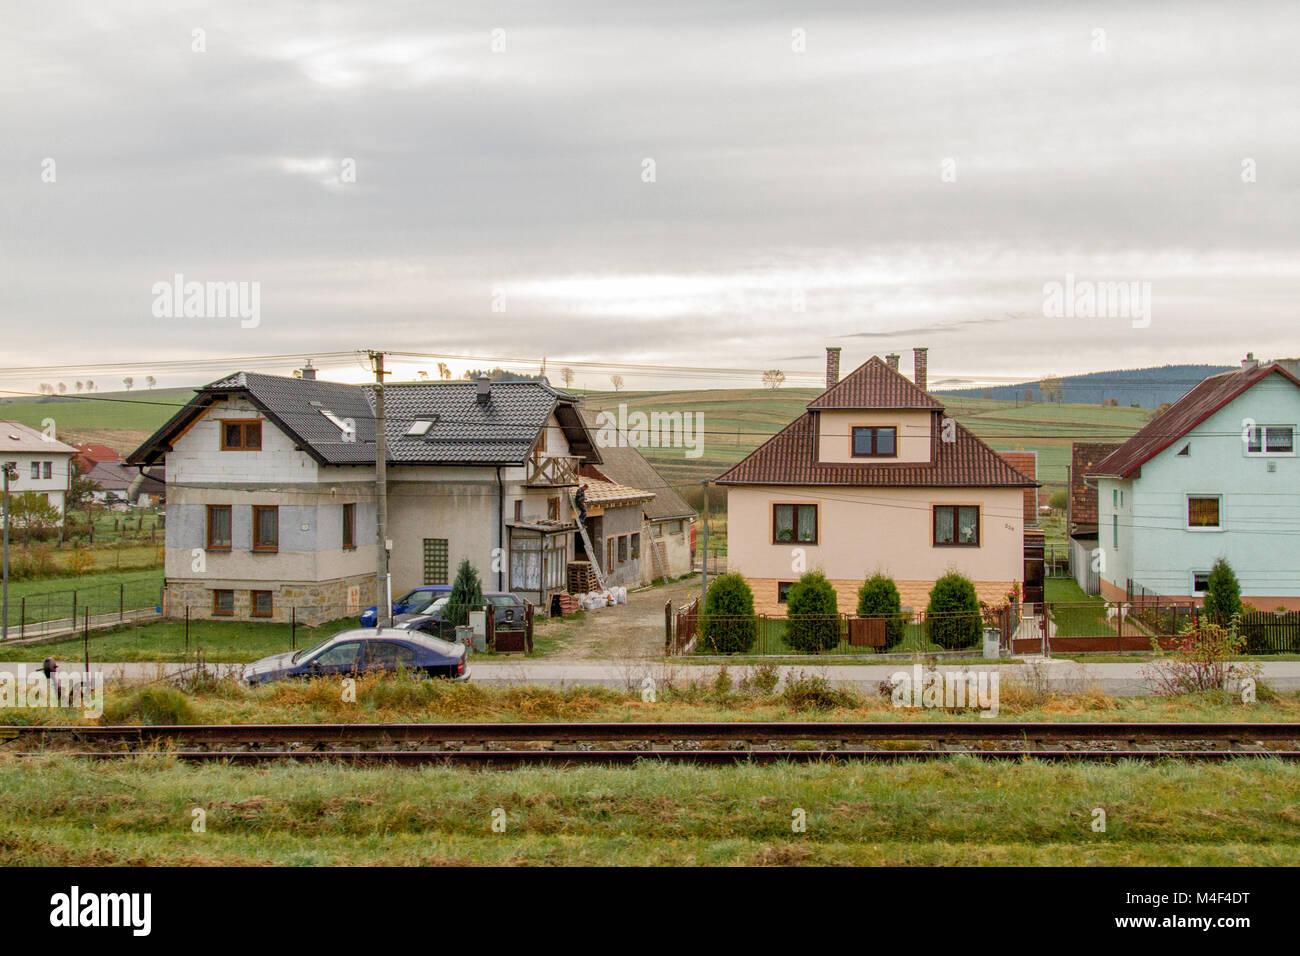 Village Idyll in Slovakia - Stock Image